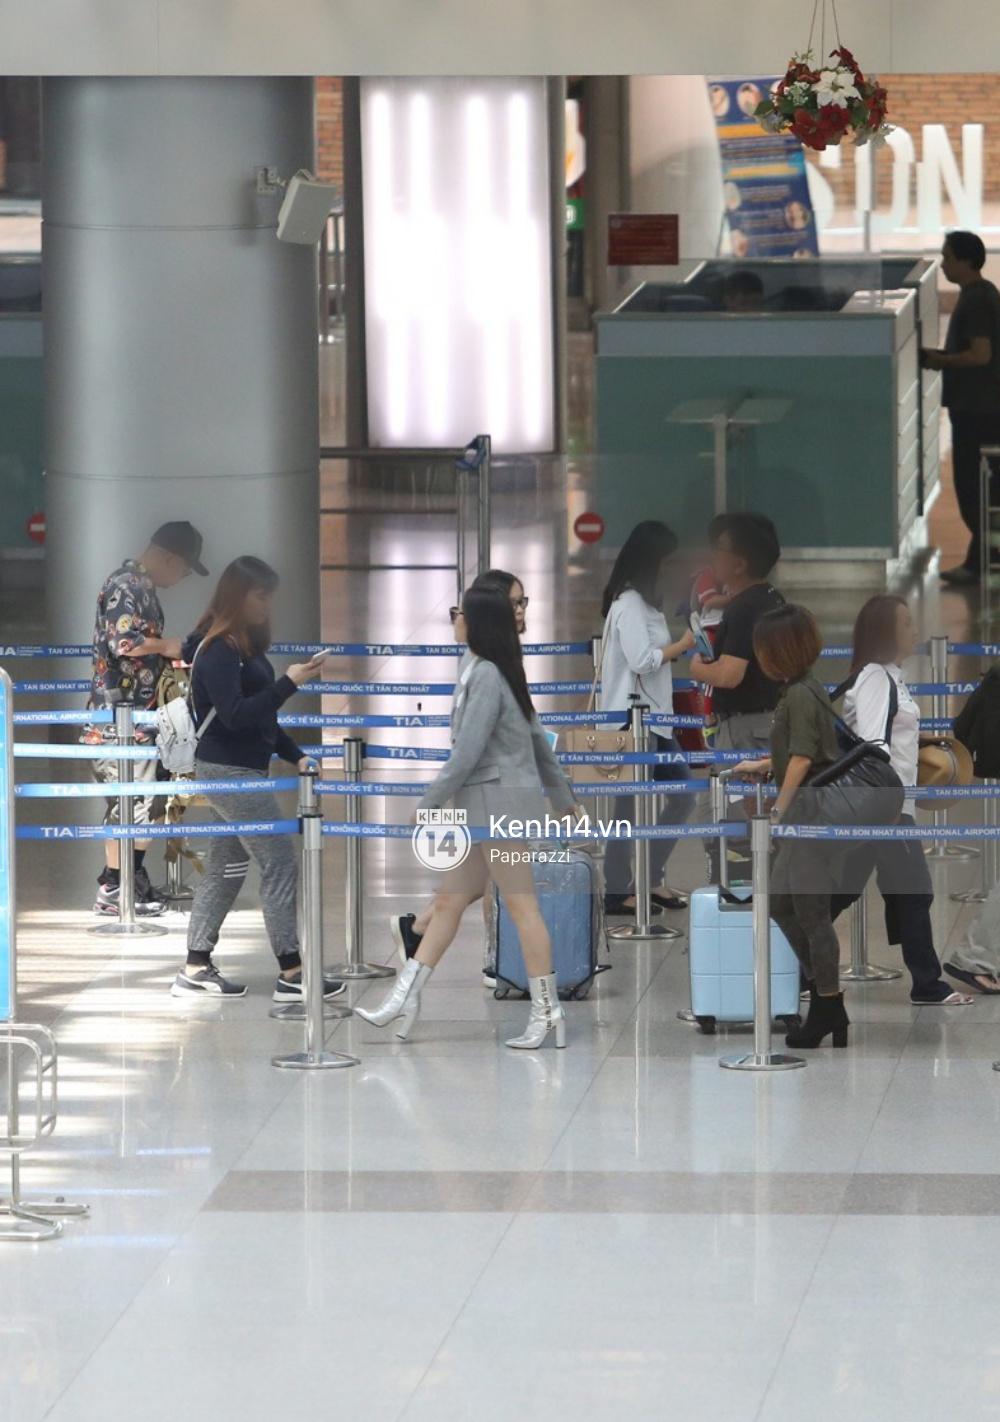 Chi Pu diện trang phục sành điệu, xuất hiện tươi tắn ở sân bay để sang Mỹ dự sự kiện - Ảnh 9.